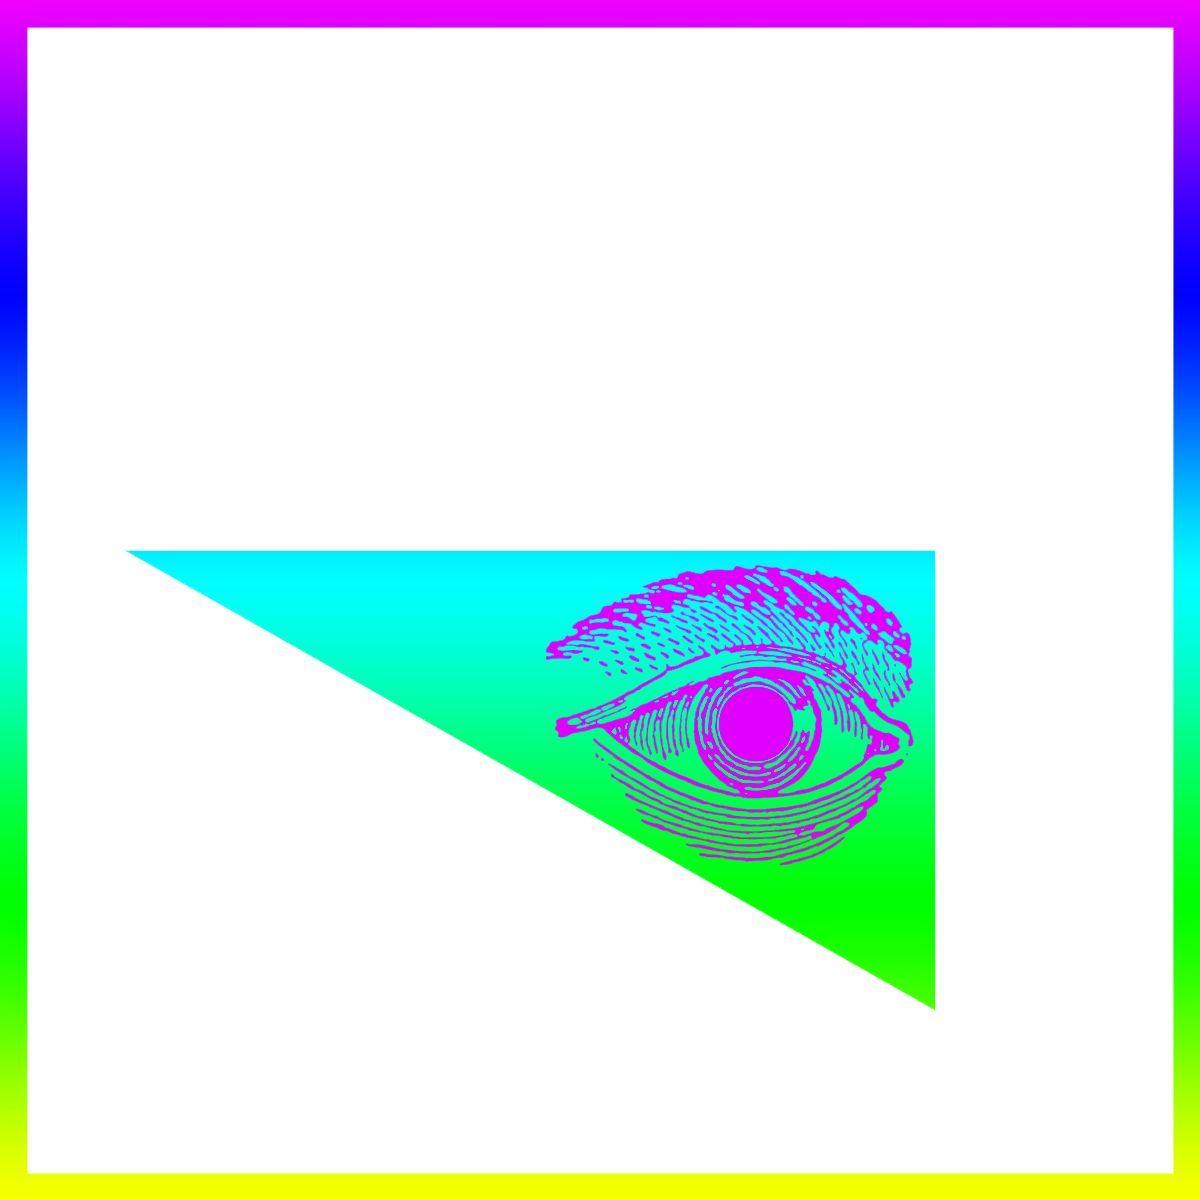 superhumanoids-feelgoodhitoffthesummer-nickmonacoremix.jpg